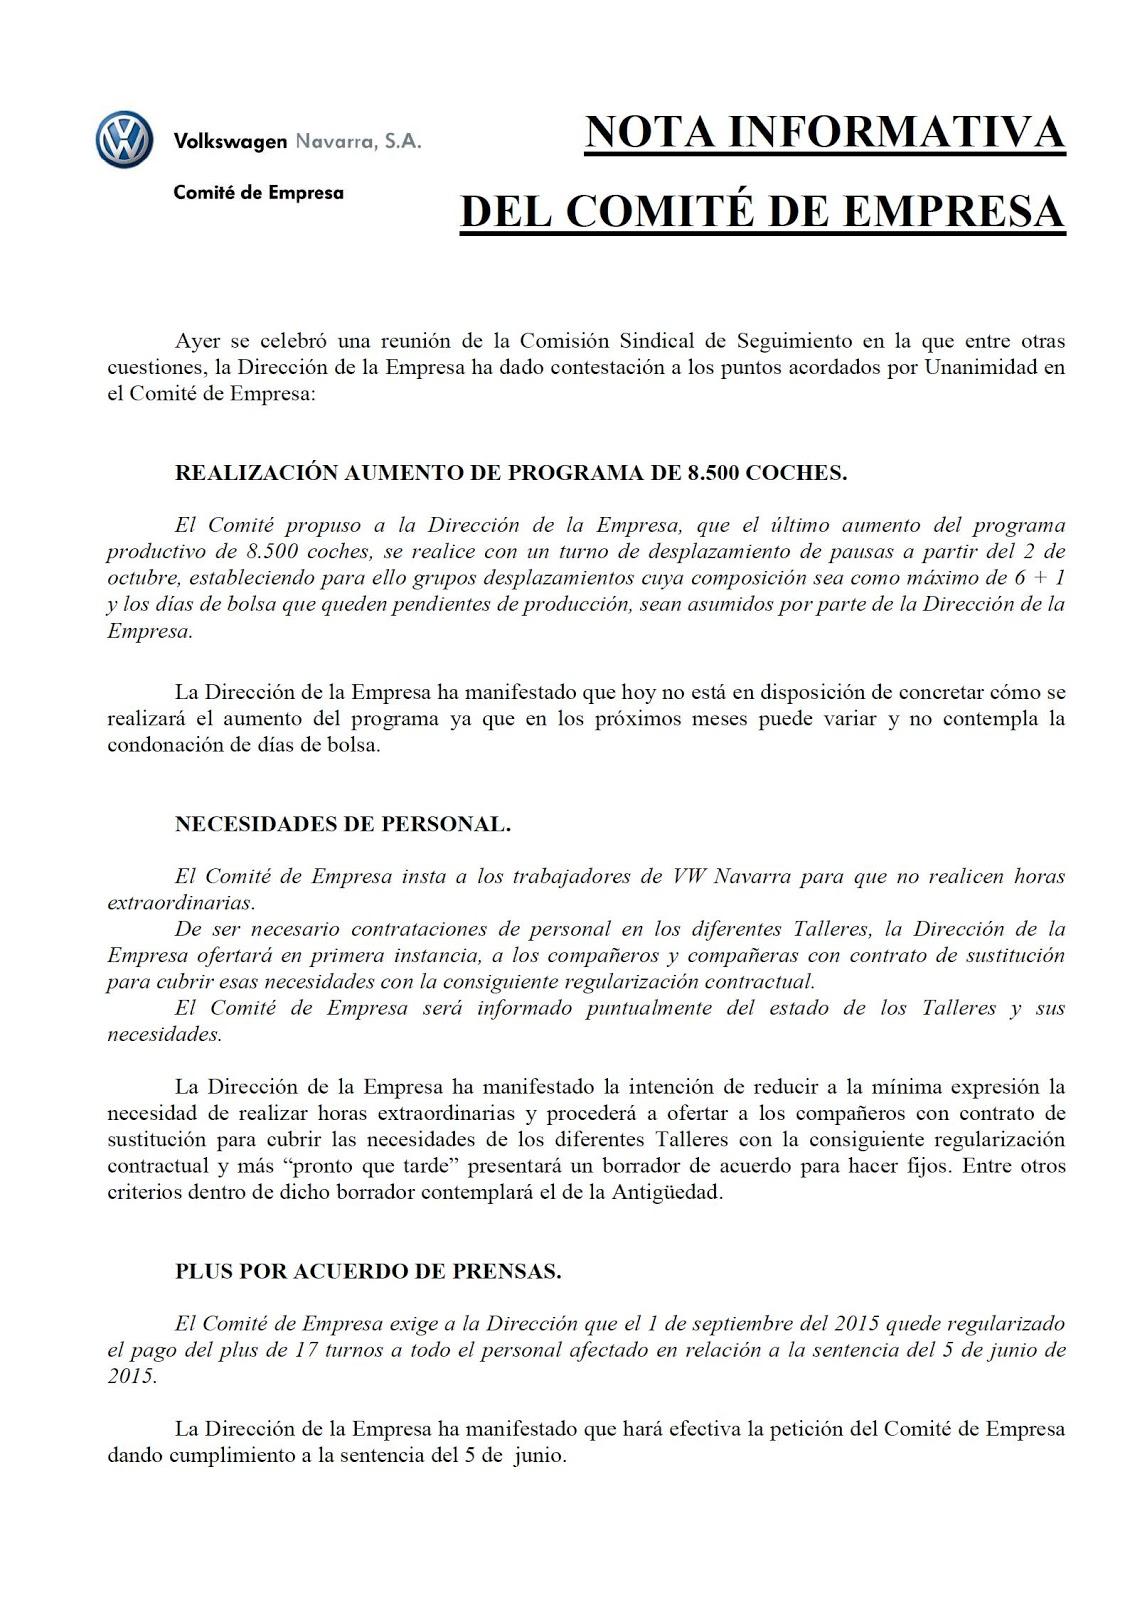 UGT en VW Navarra: NOTA COMITE DE EMPRESA 31-07-2015